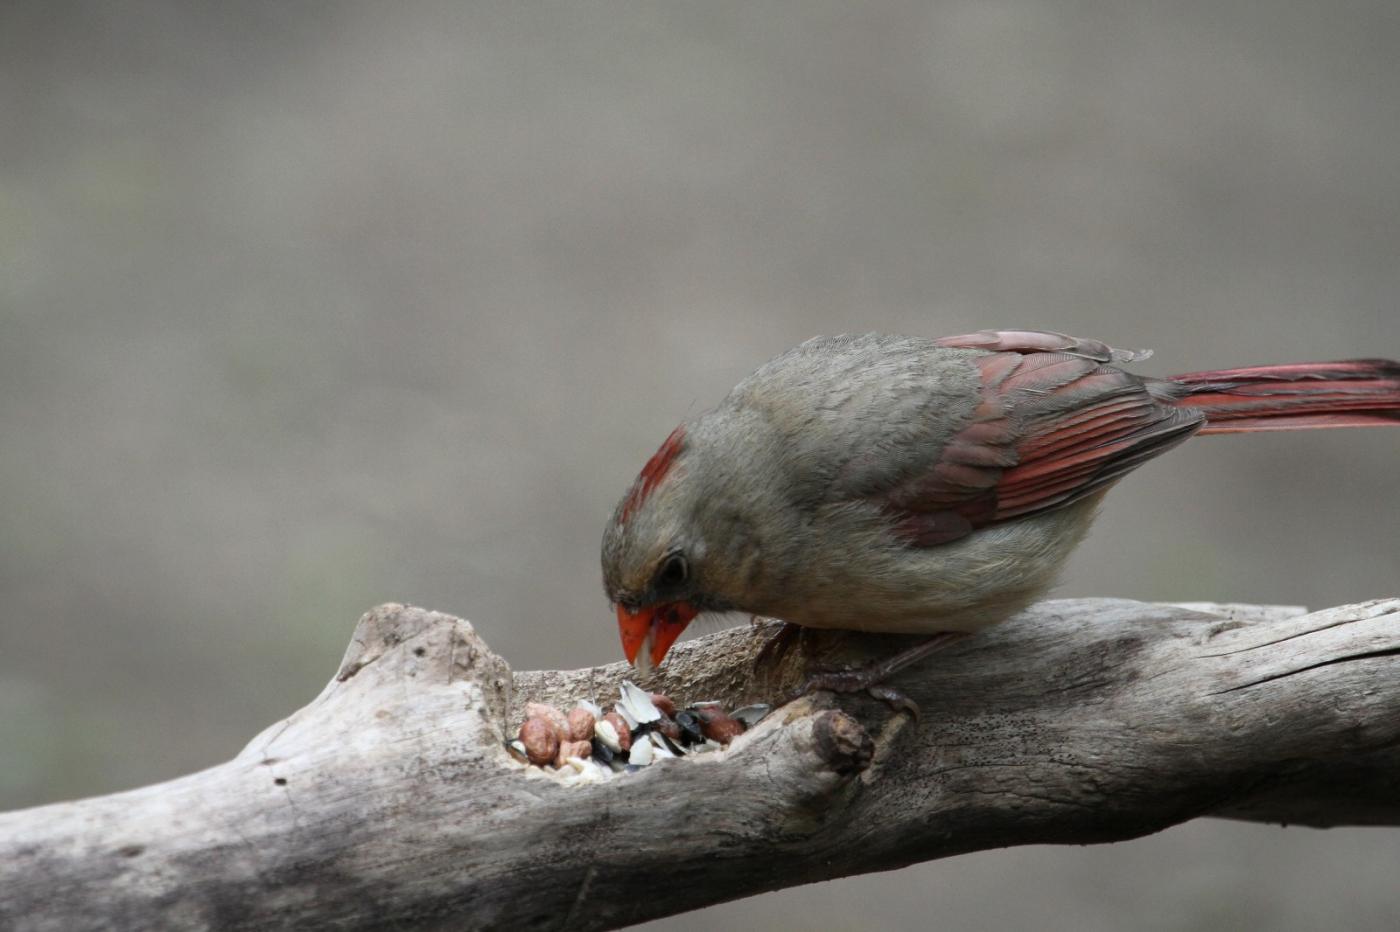 【田螺摄影】有吃的主教鸟还会挑肥拣瘦_图1-4